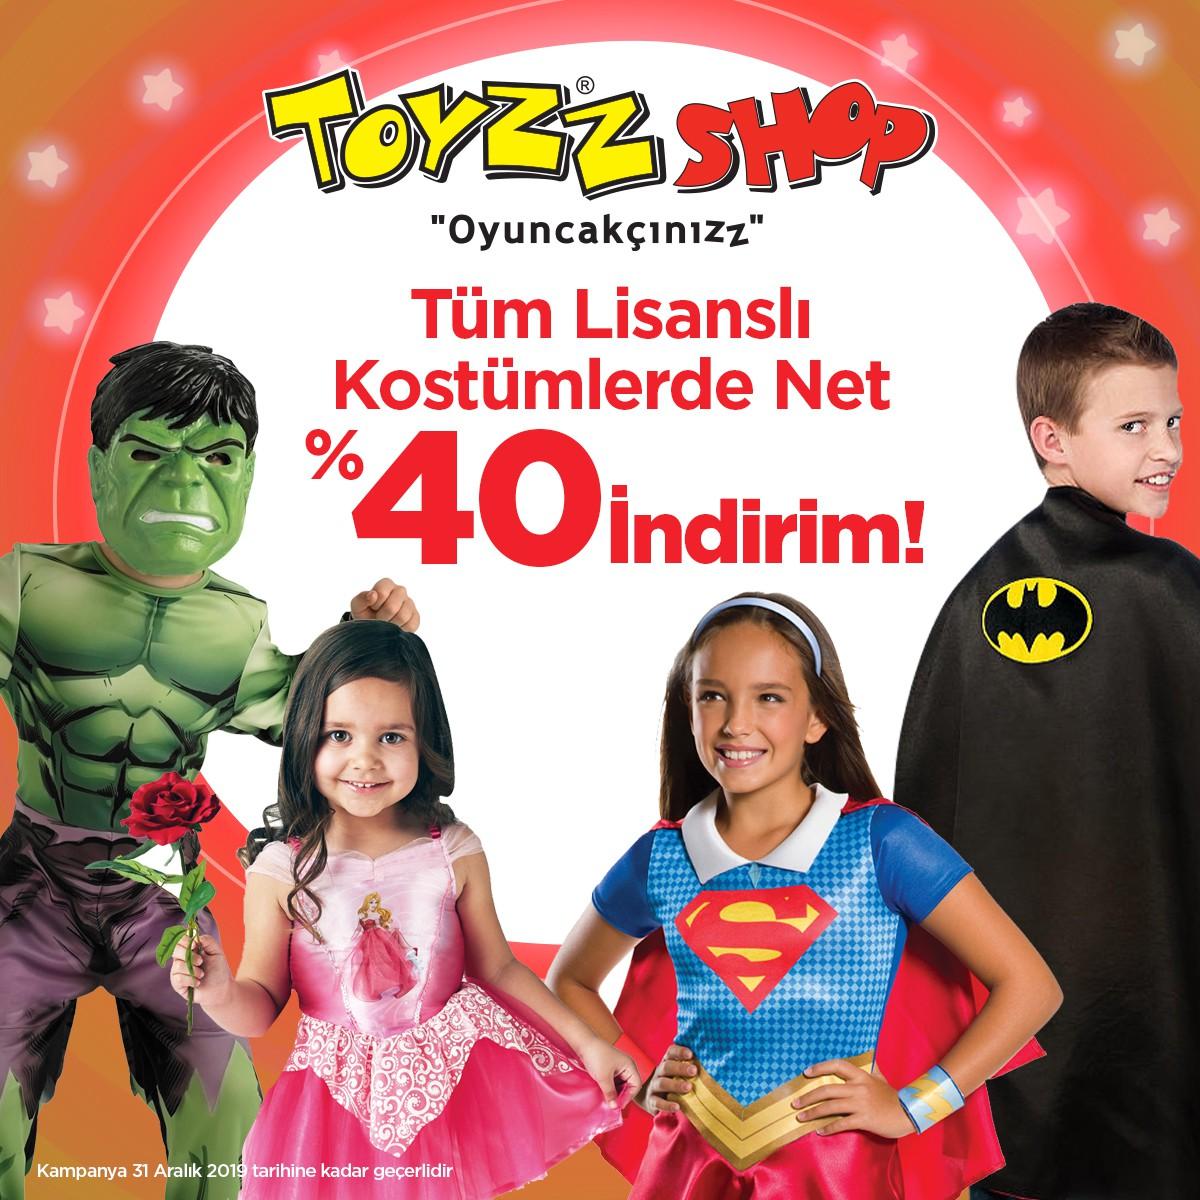 Toyzz Shop'ta tüm lisanslı kostümlerde %40 indirim!